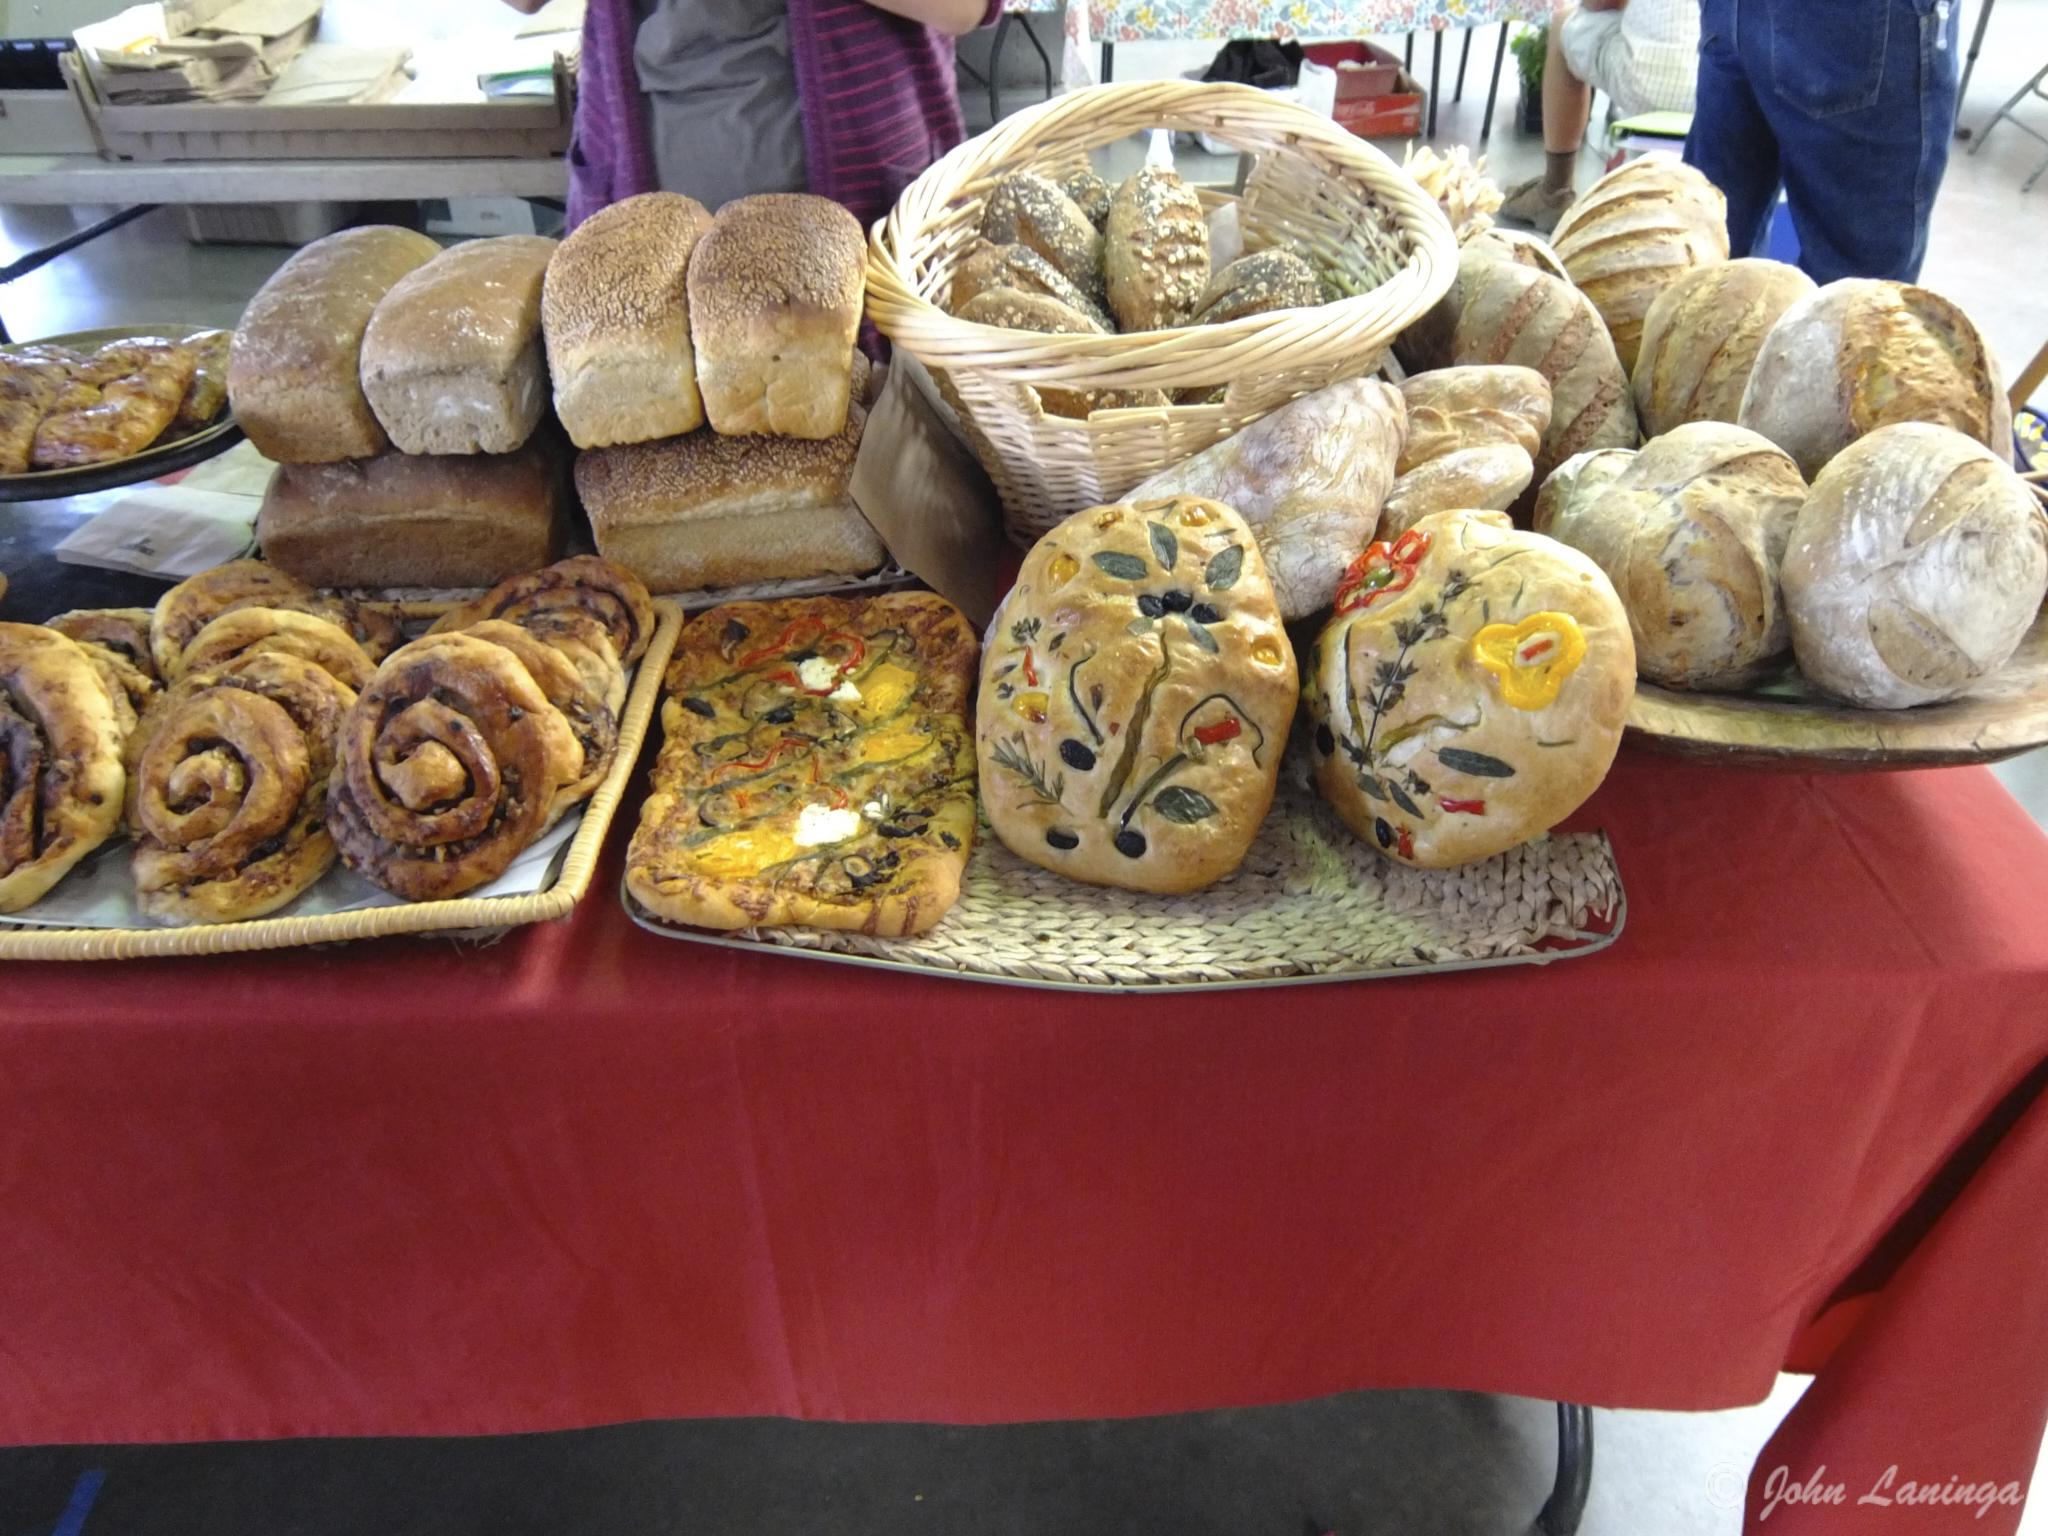 Yummy breads